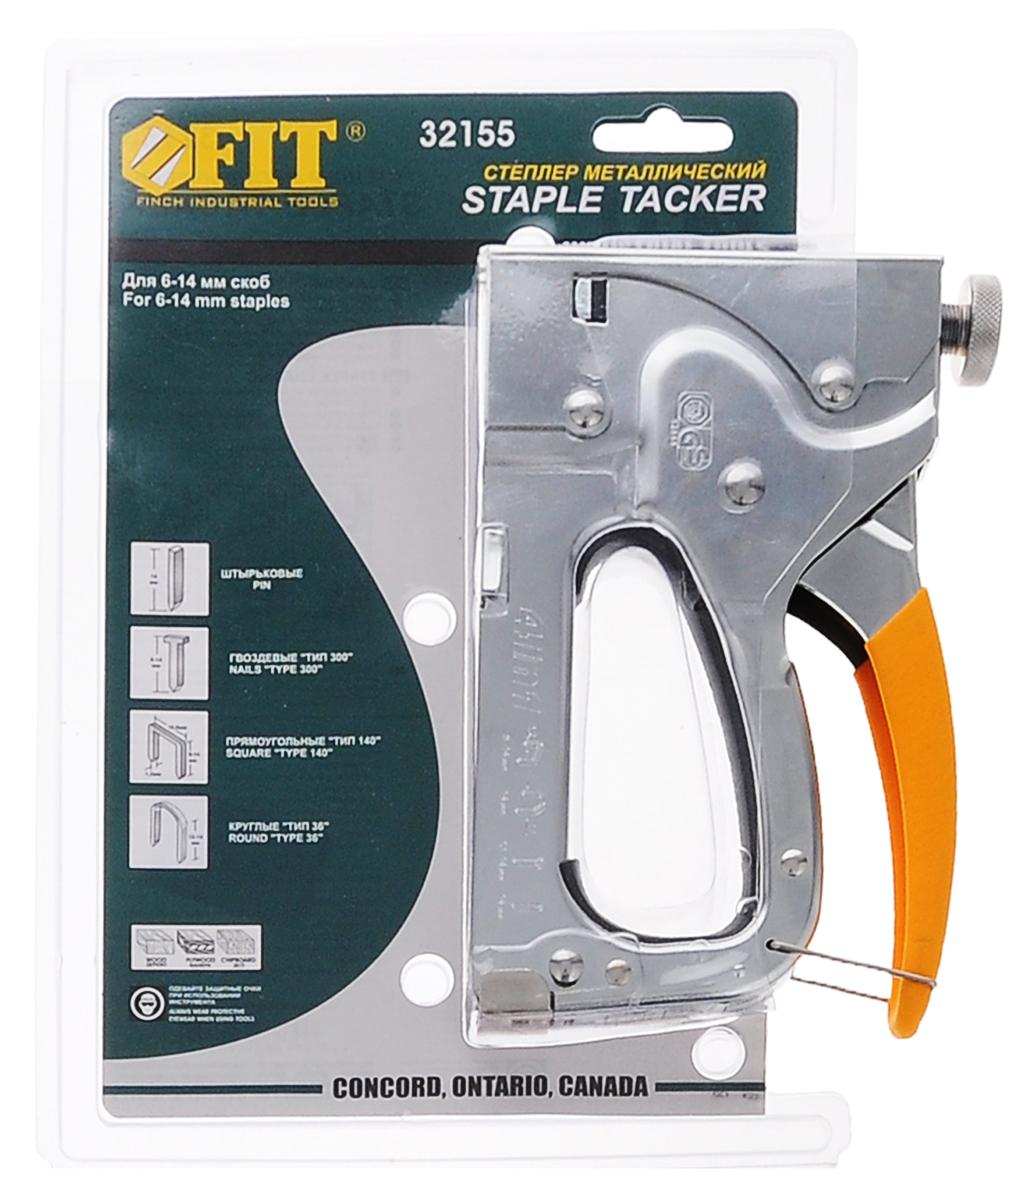 Степлер с регулировкой FIT, 4-14 мм, 4 в 1, цвет: стальной, оранжевый32155_оранжевыйМногофункциональный степлер с регулировкой FIT предназначен для быстрого и легкого закрепления обивки мебели, укрепления плакатов, закрепления проволочной сетки и строительства парников. Для скоб 4-14 мм. Стальная конструкция корпуса делает степлер надежным и комфортным в использовании. Степлер может скреплять квадратные скобы от 6 до 14 мм, полукруглые скобы размером 14 мм, маленькие гвозди длиной от 1 до 14 мм и штырьки до 14 мм. Размер скоб: от 0,4 см до 1,4 см. Размер степлера: 18 см х 12 см х 3 см.